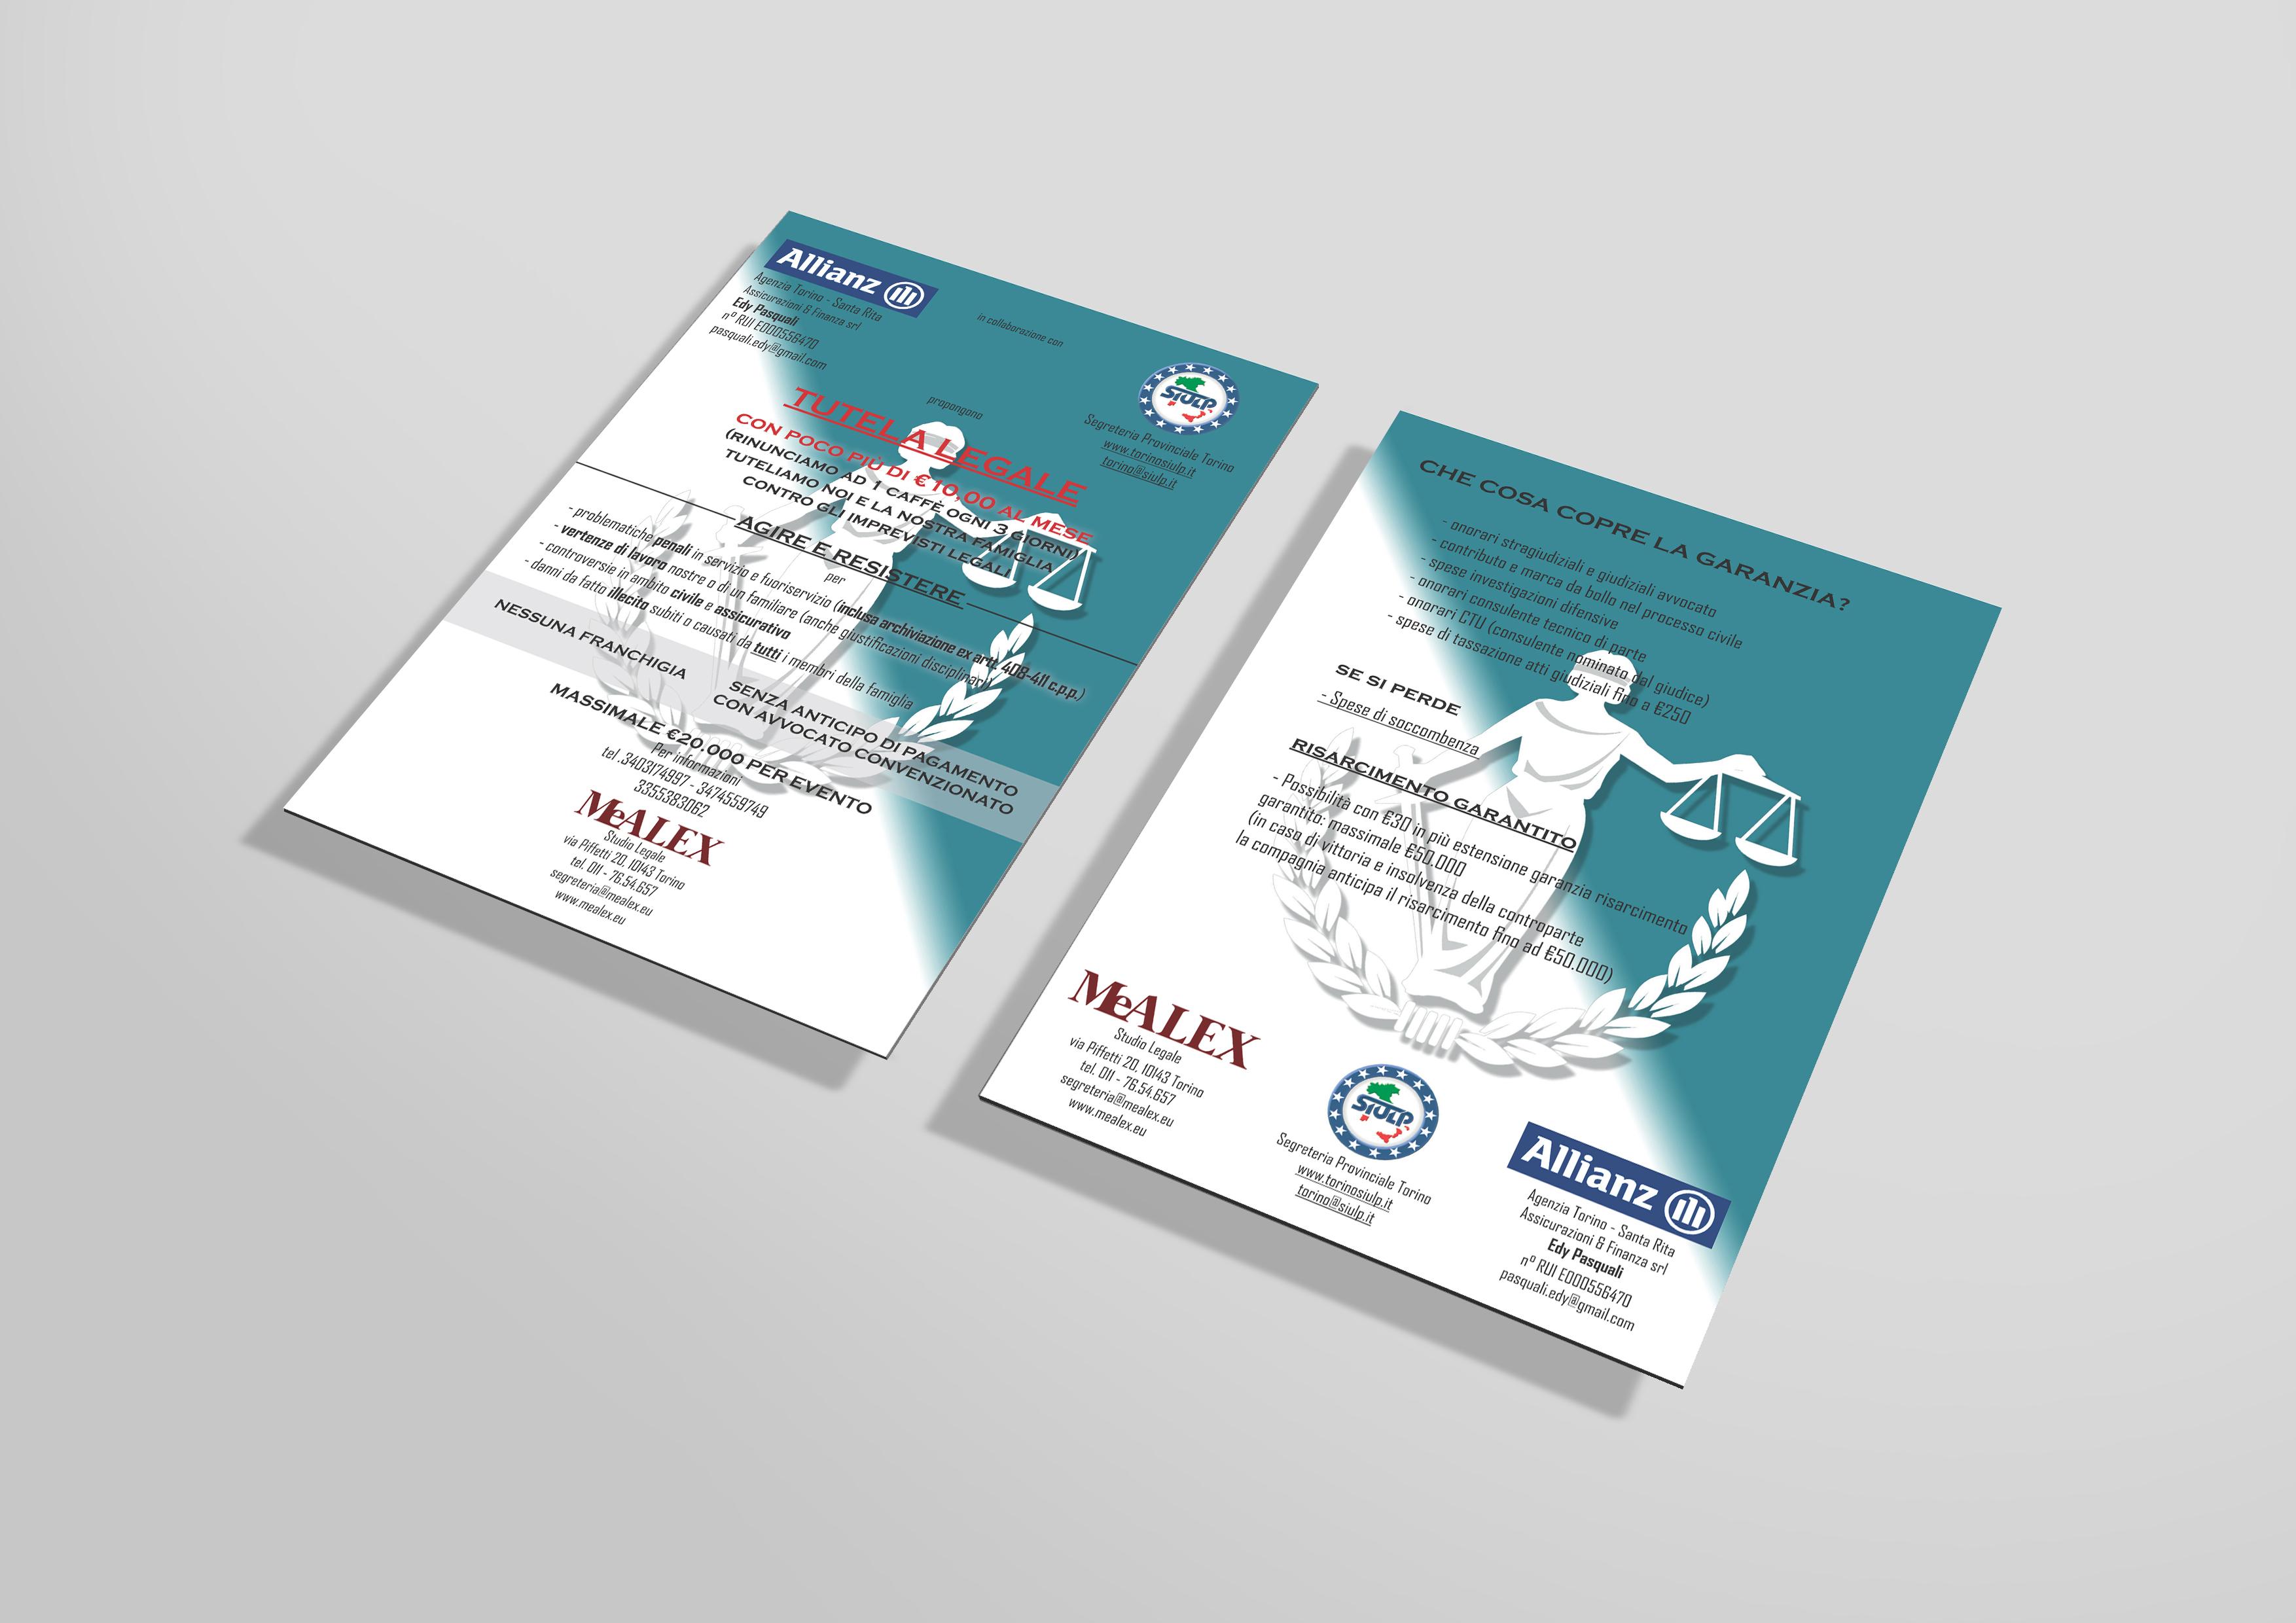 flyer MeALEX Studio Legale / SIULP